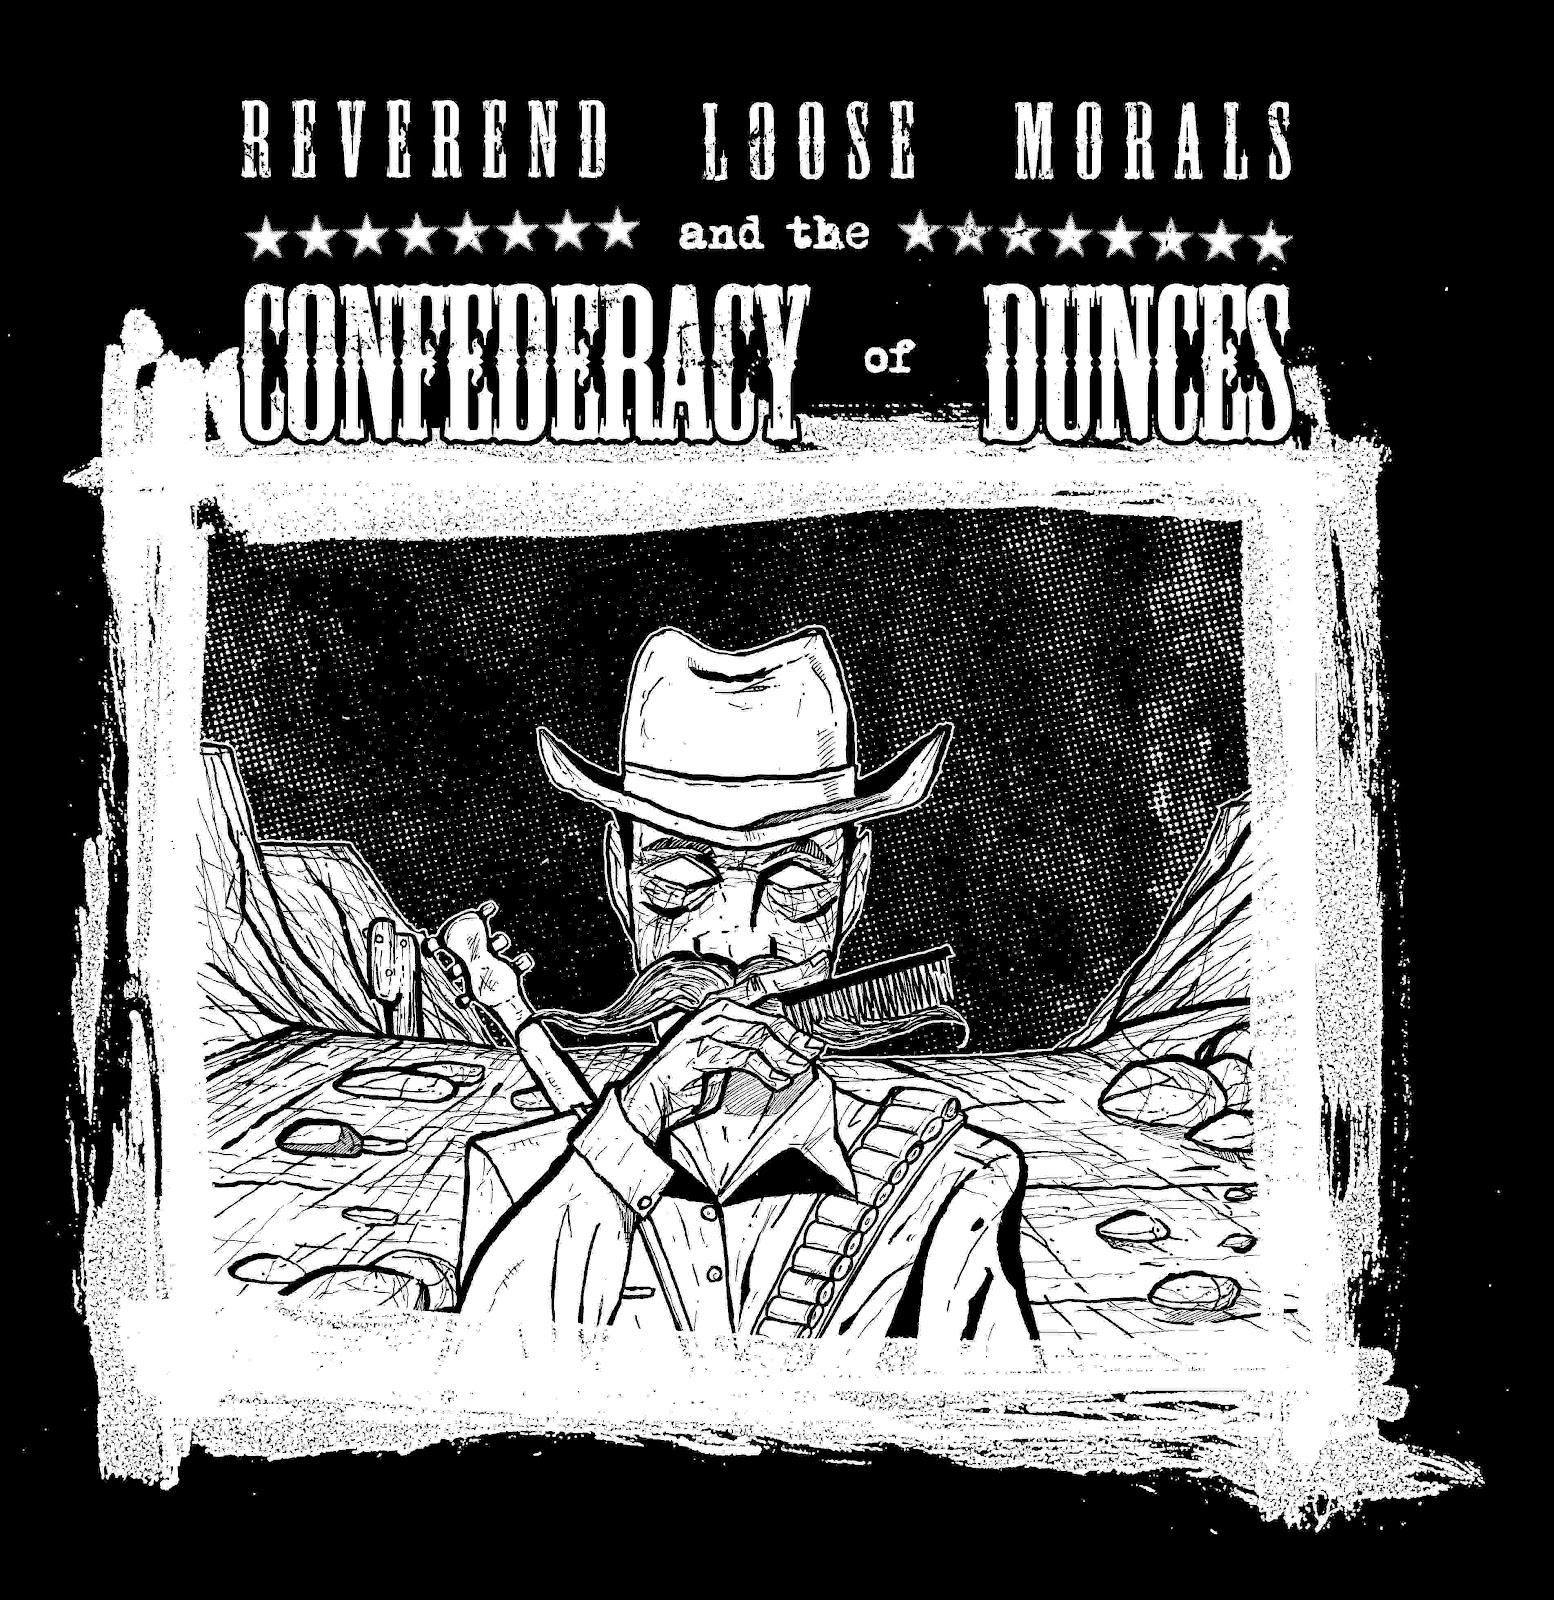 a confederacy of dunces pdf download